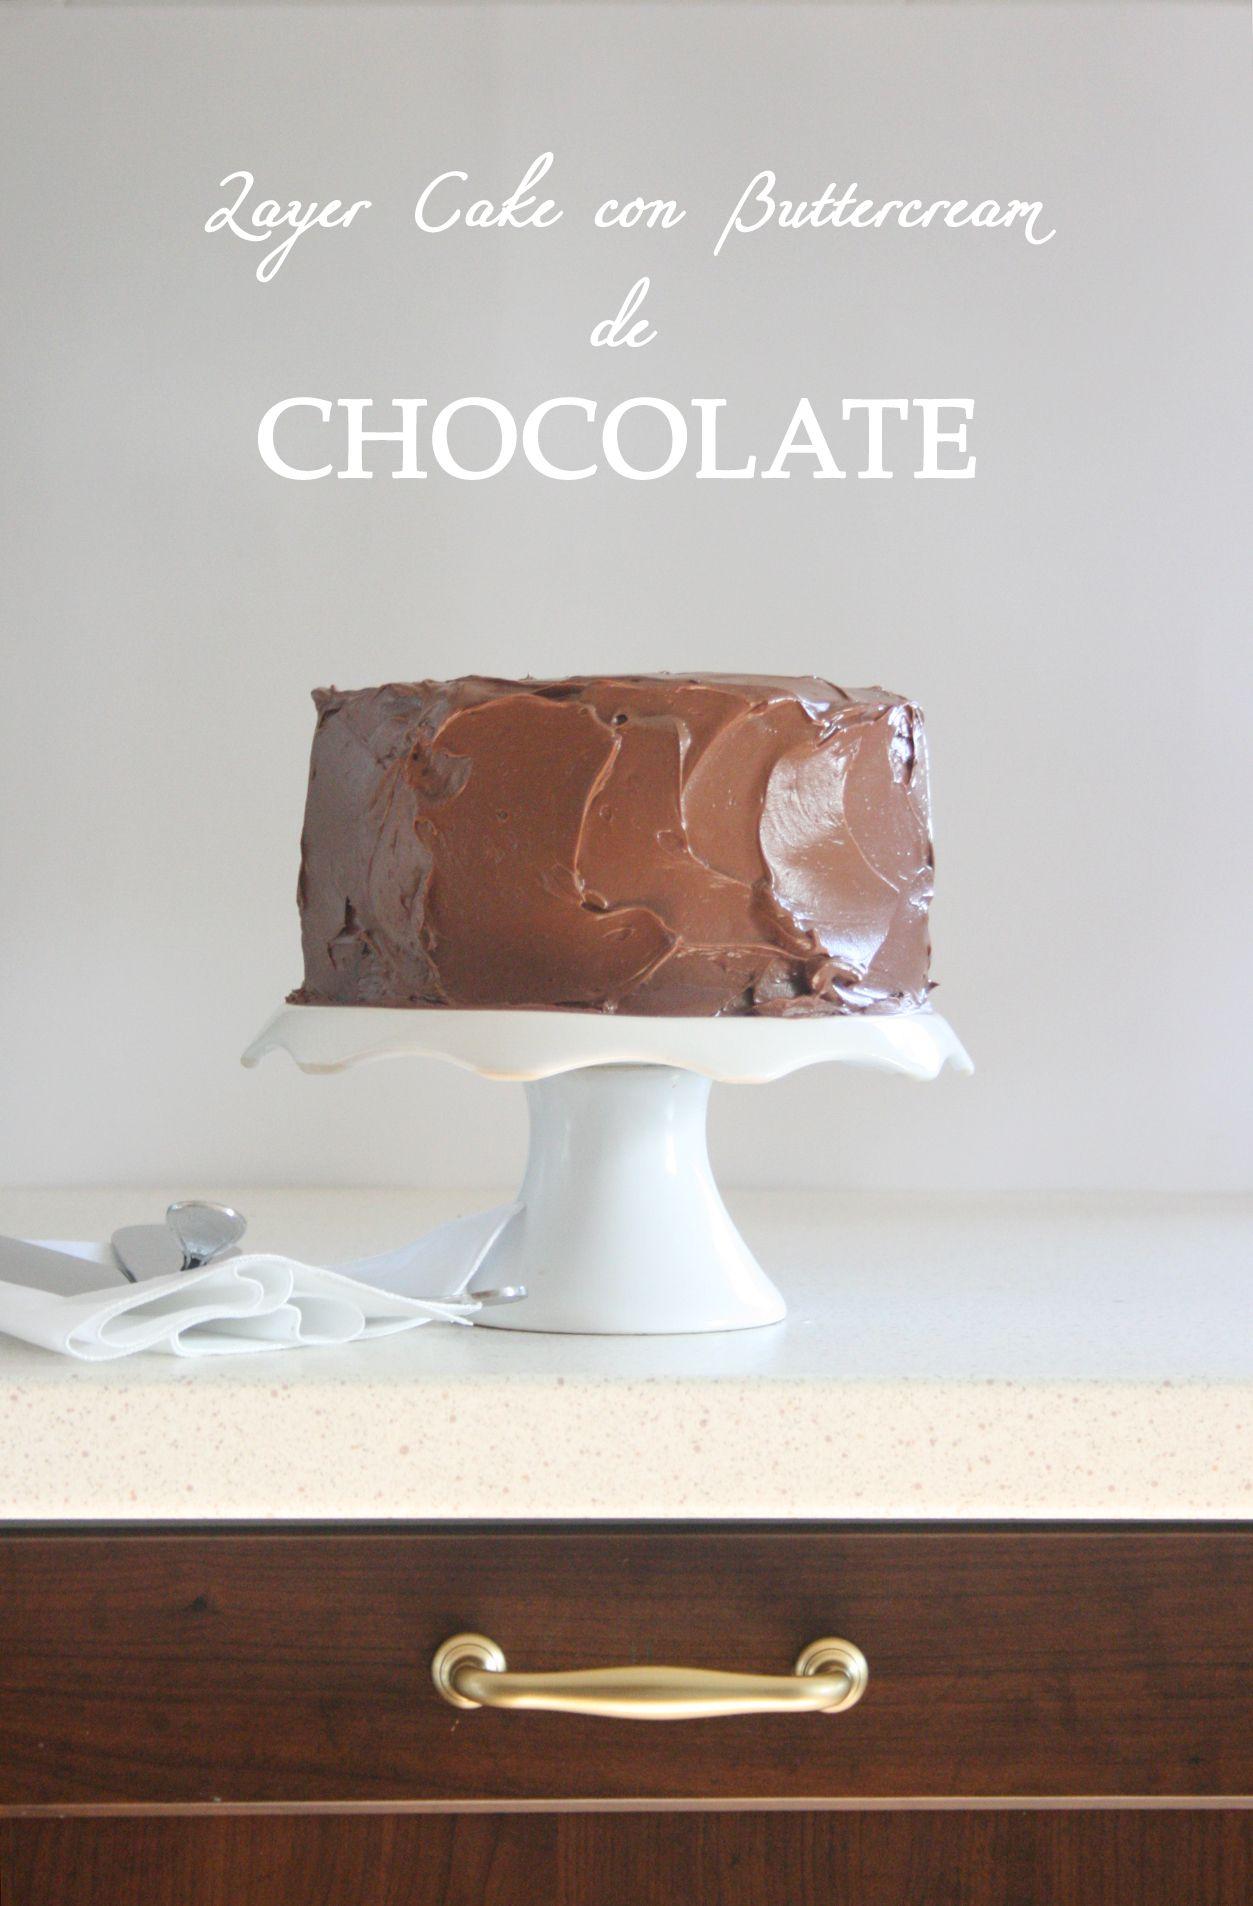 Layer Cake con Buttercream de Chocolate